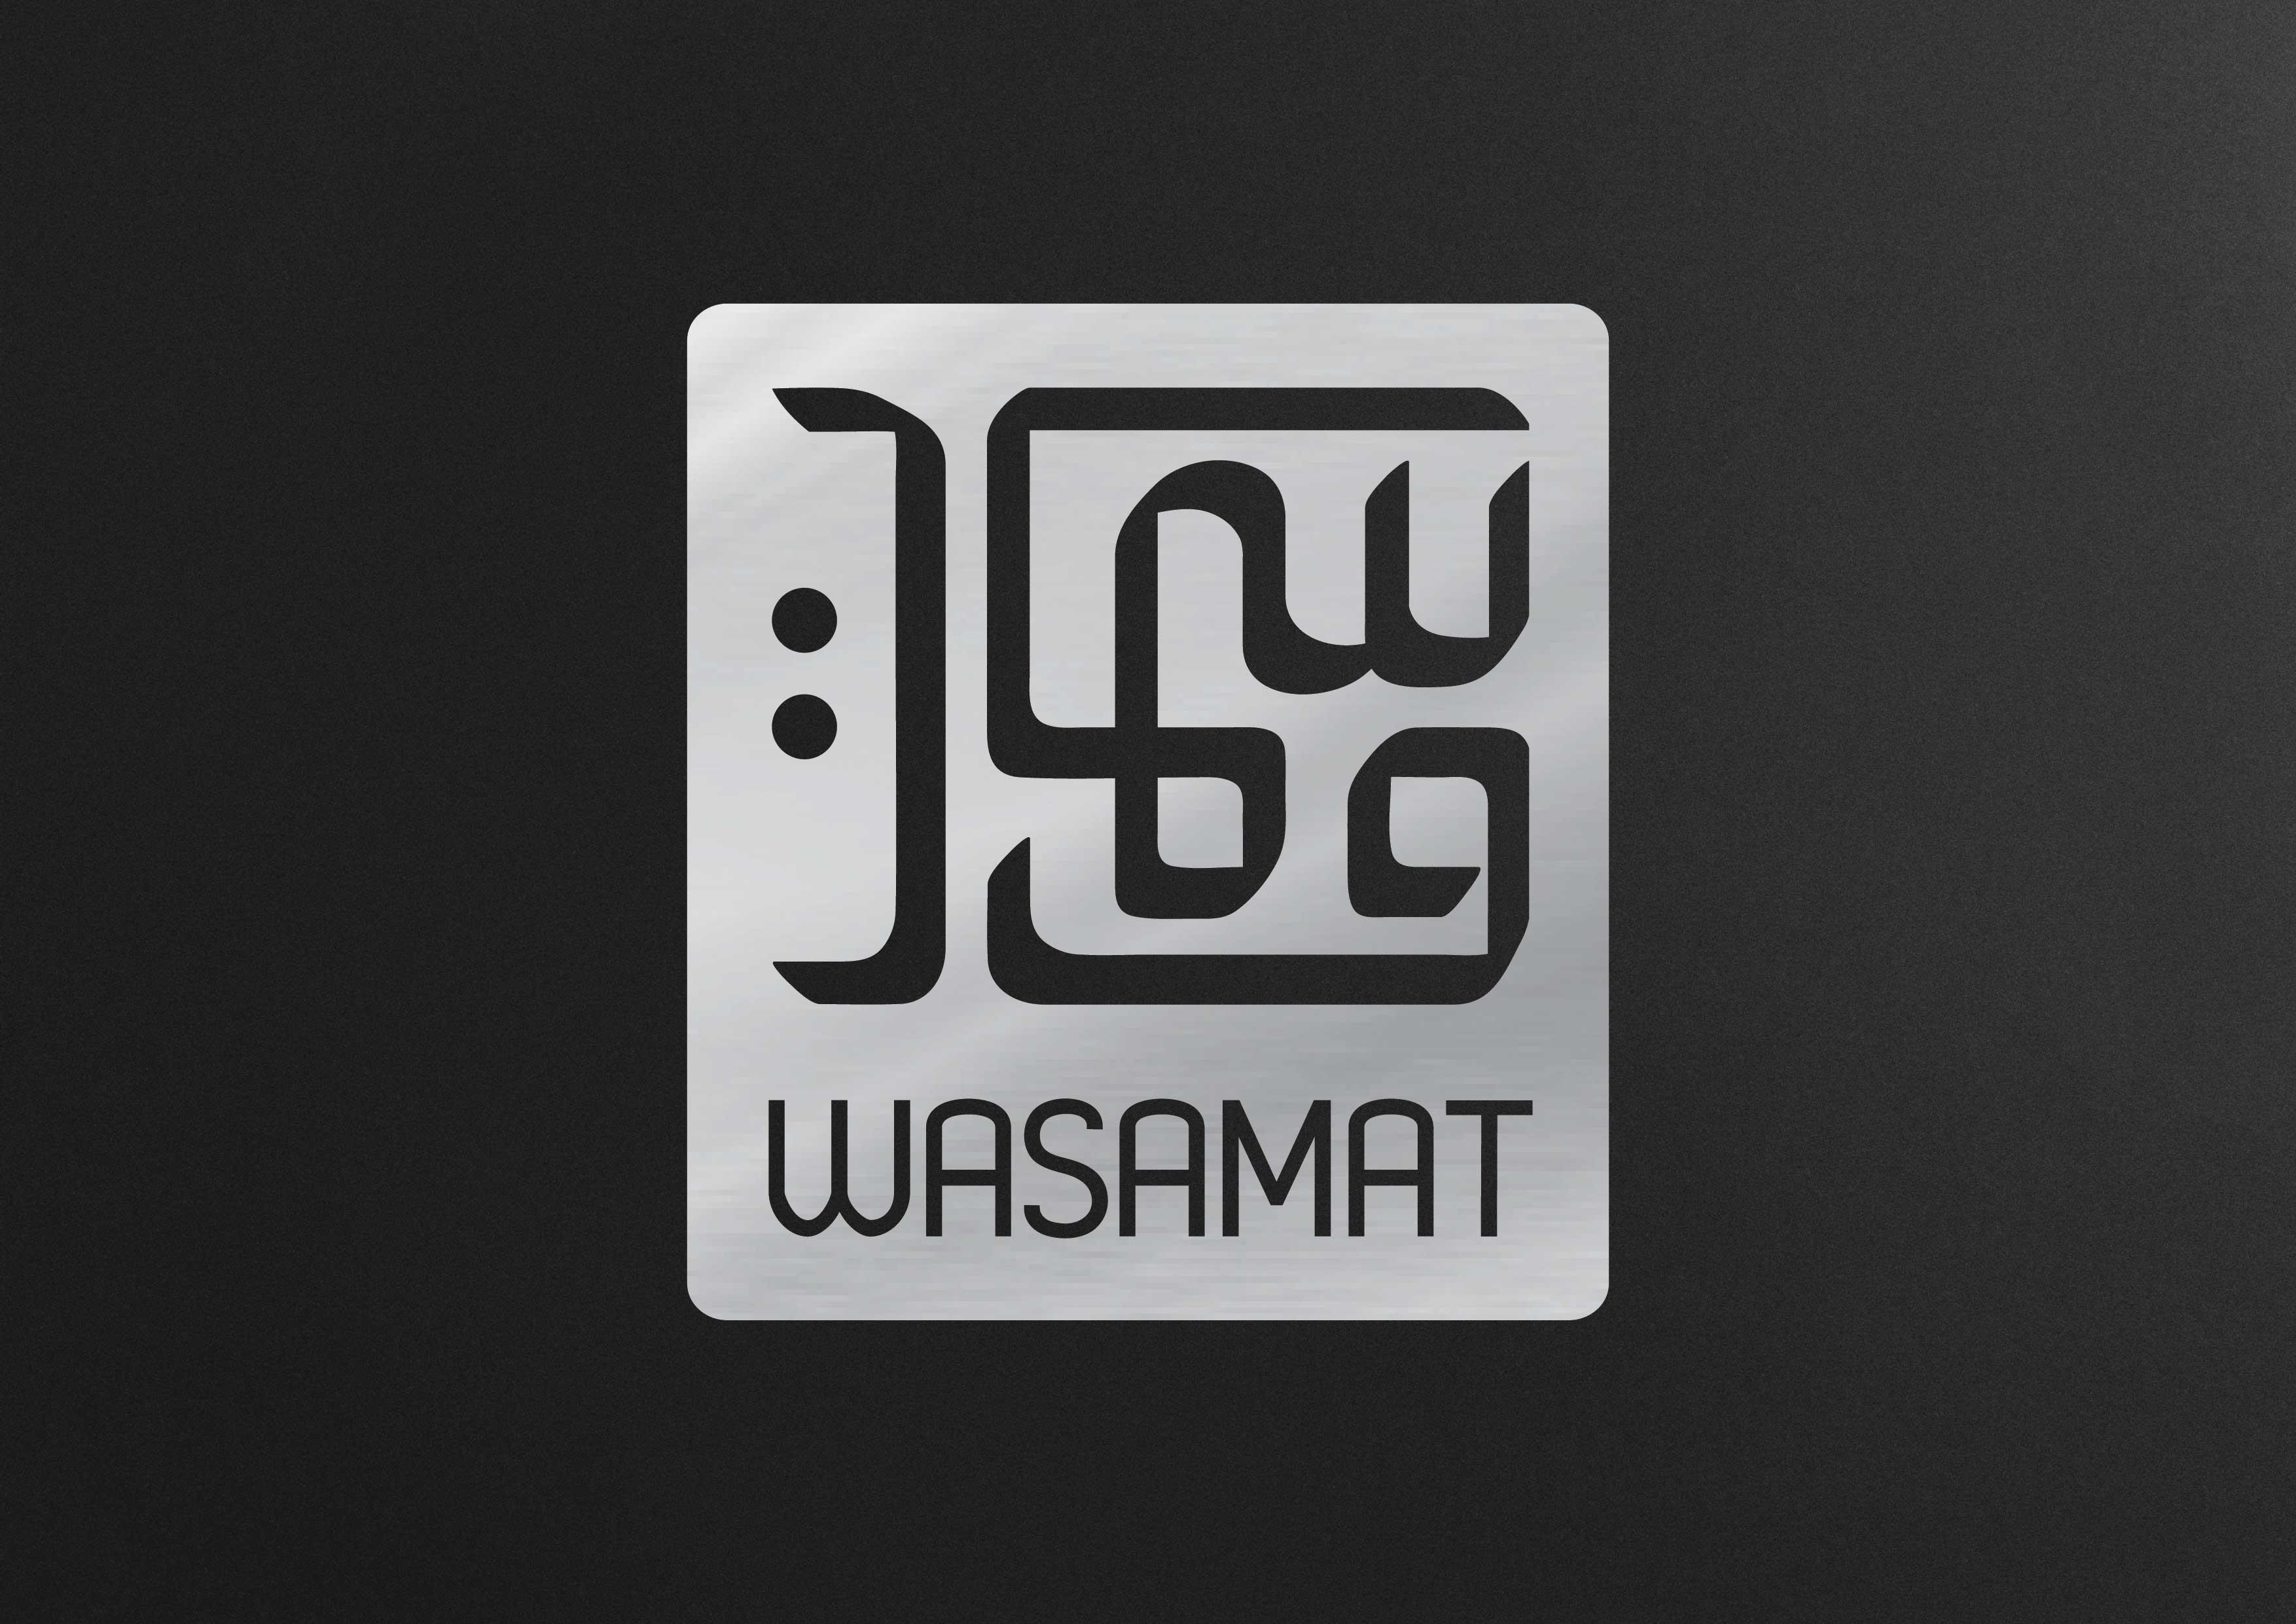 Wasamat